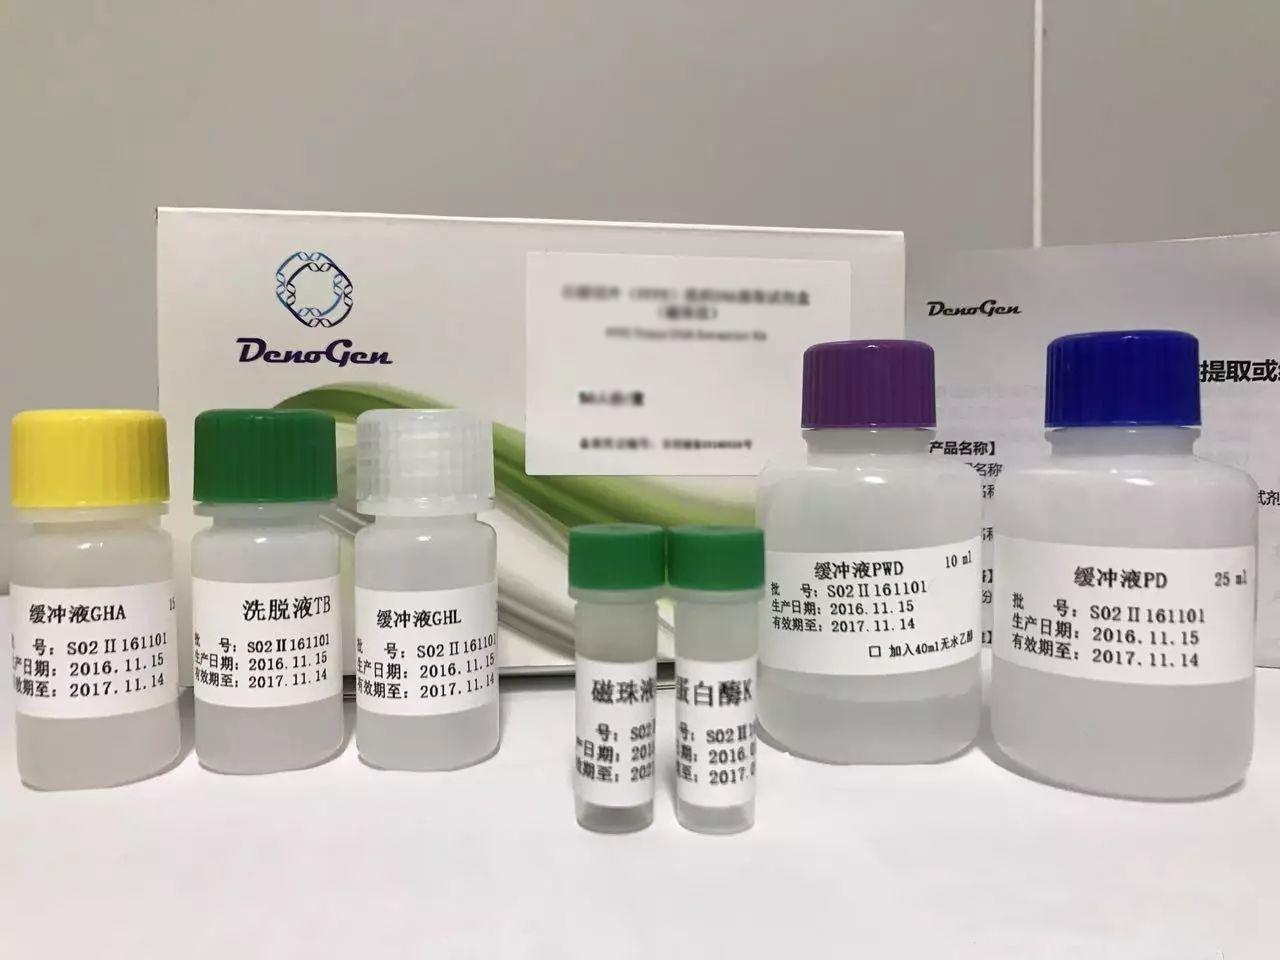 核酸提取试剂盒(石蜡组织切片基因组DNA)